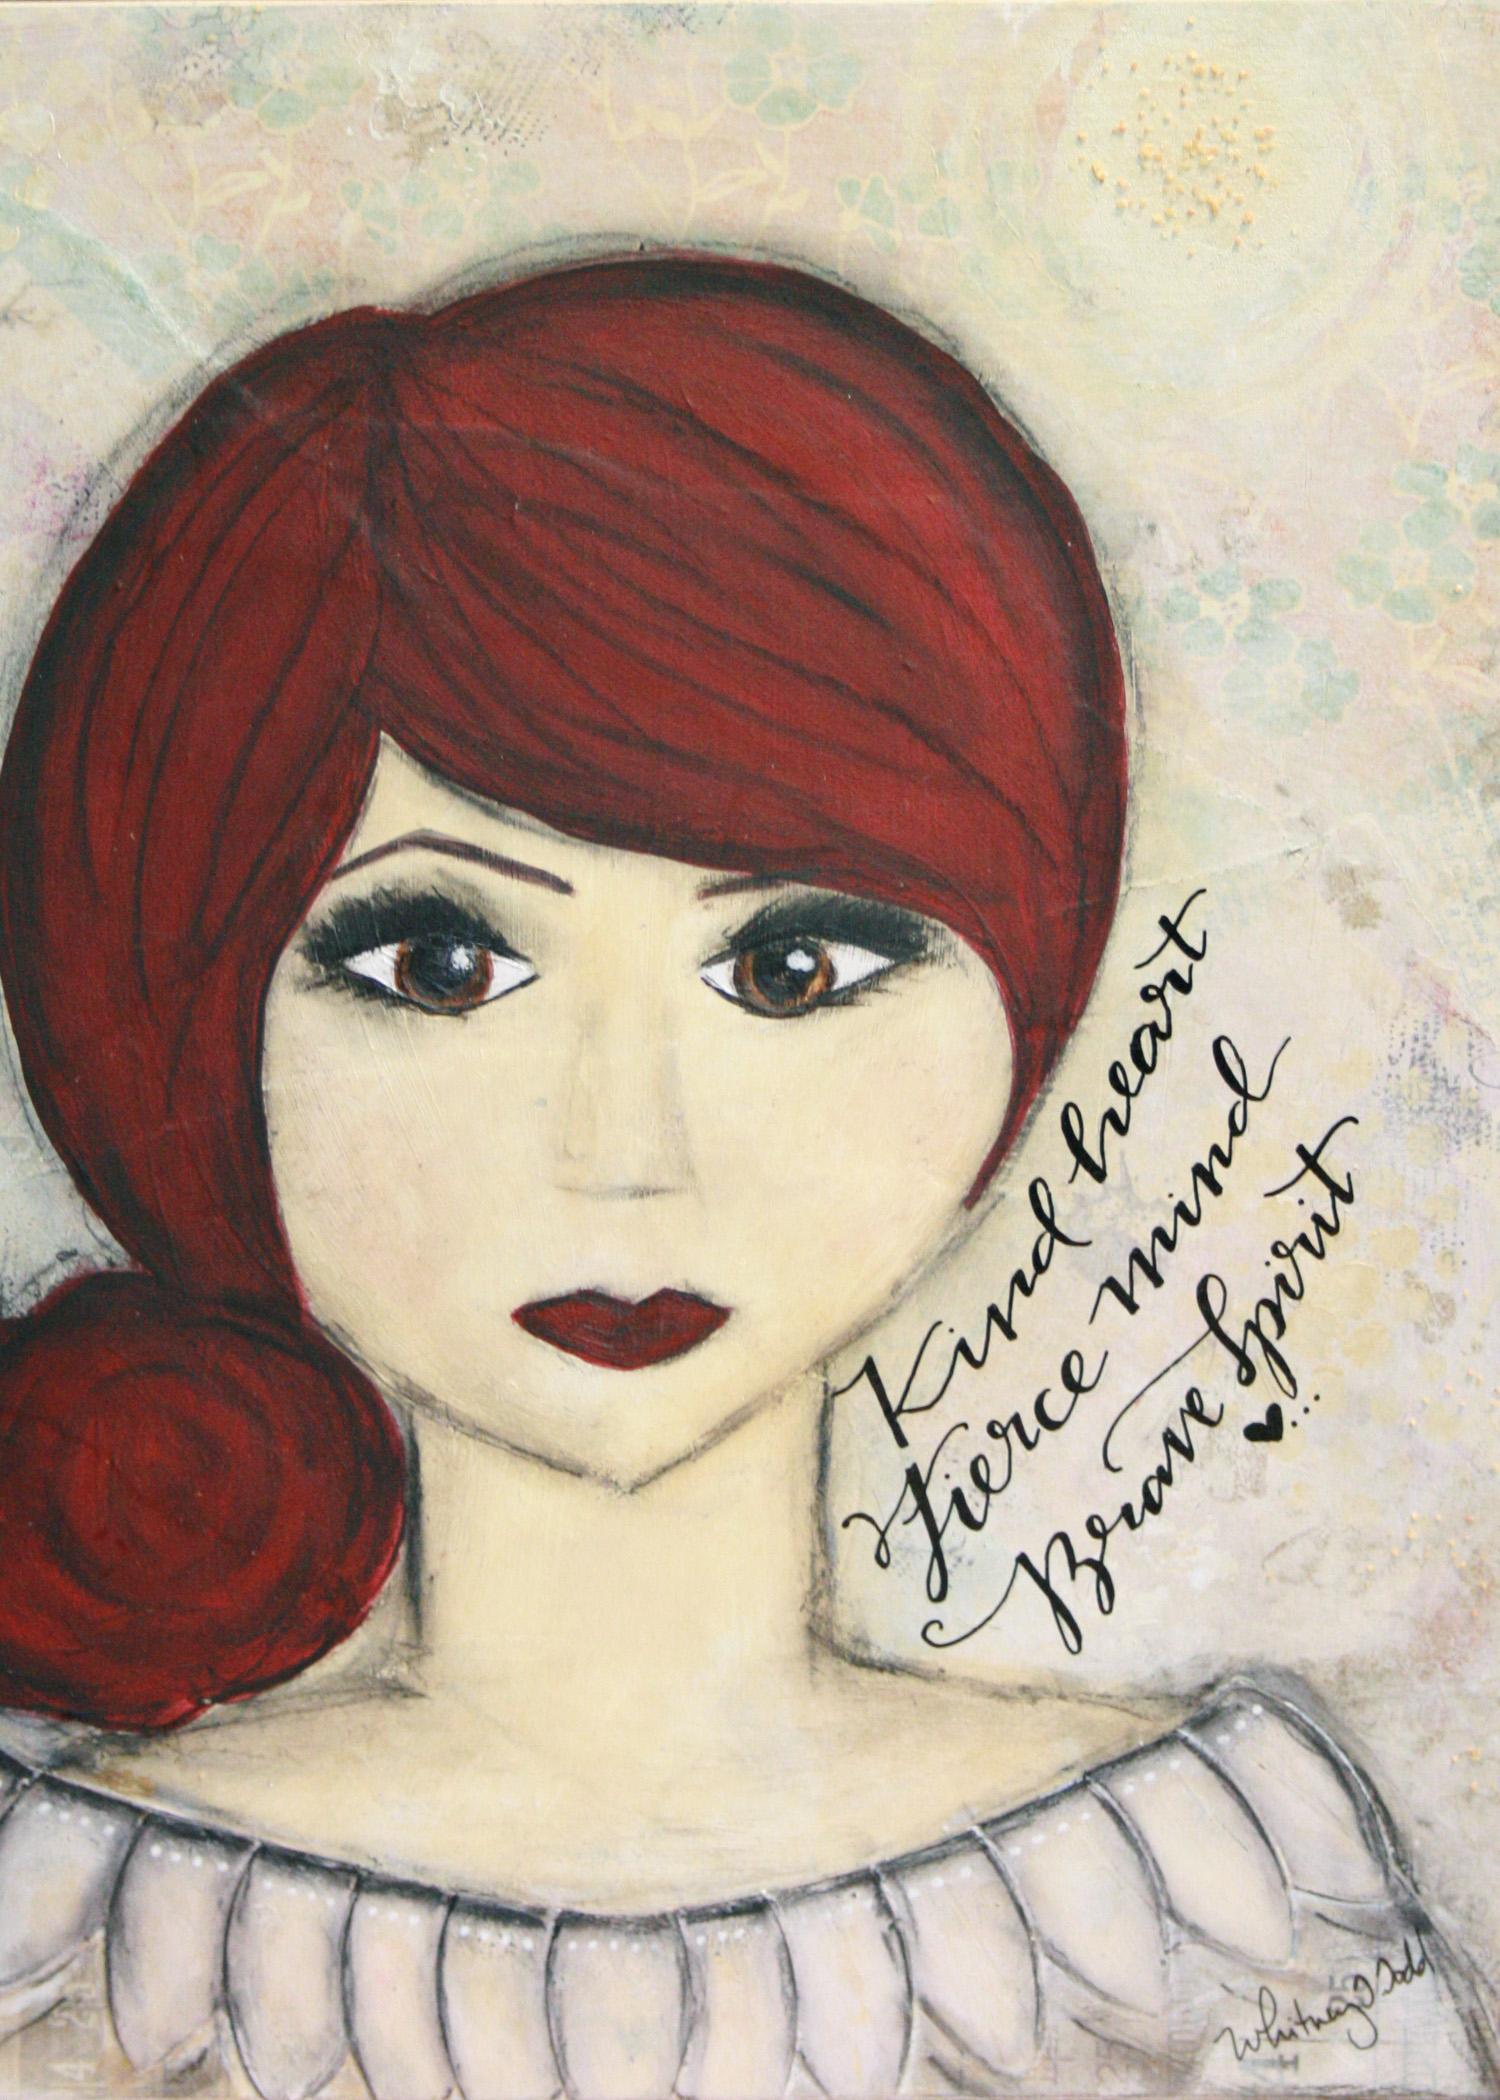 Kind Heart, Fierce Mind, Brave Spirit // Art byWhitney Todd via Jitney's Journeys